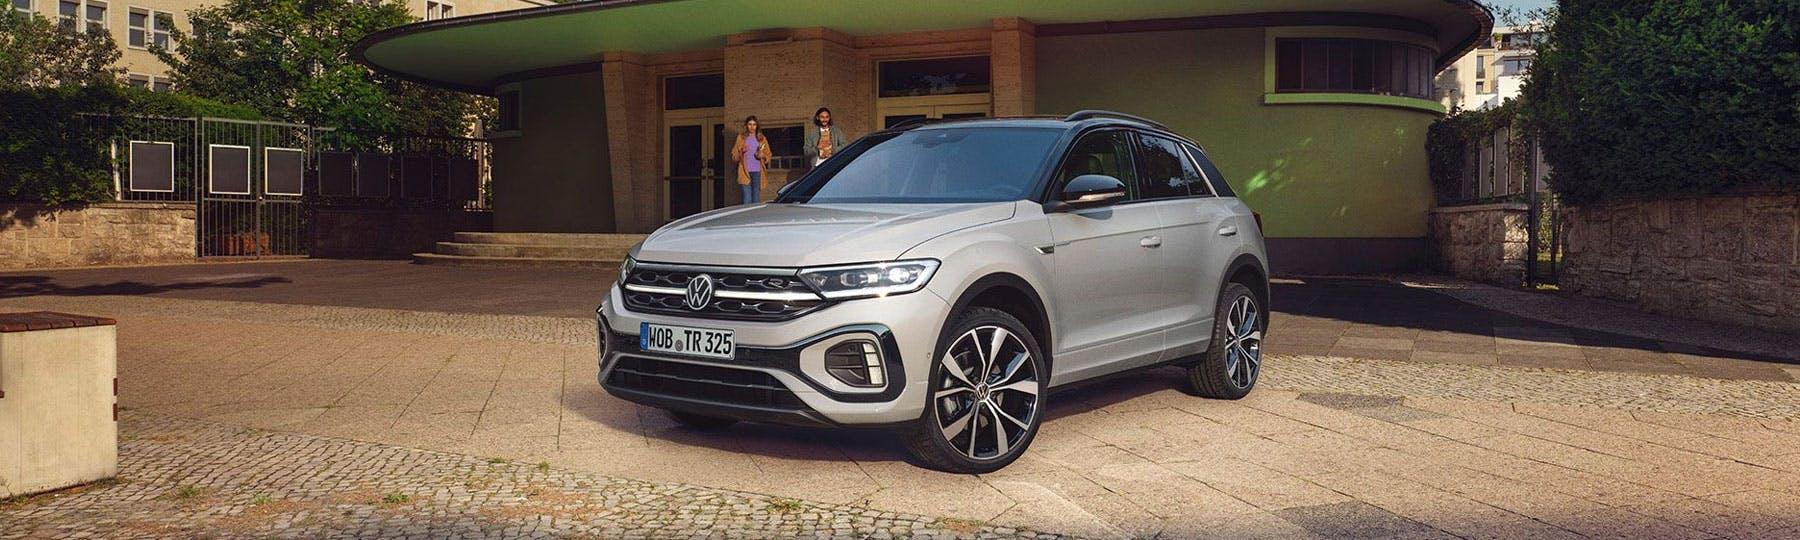 Volkswagen T-Roc Motability